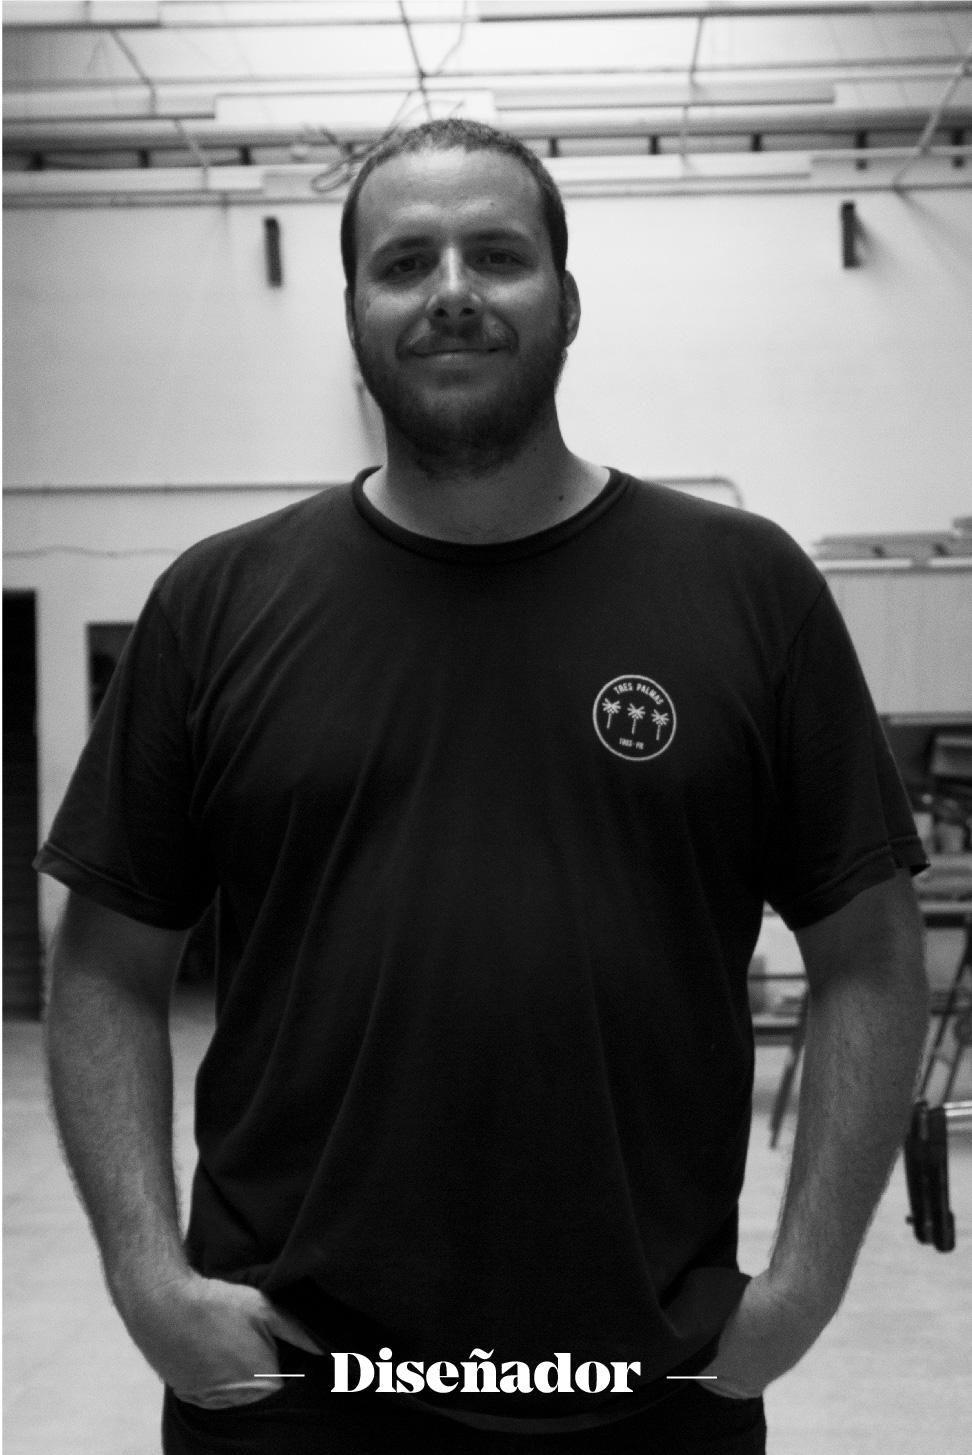 Antonio Vecchini (diseñador)  - También conocido como SIPI se mueve entre los cepillos de mano y la CNC. Tiene su propia marca de skates y también enseña a nuestros miembros a usar la CNC y la cortadora láser.